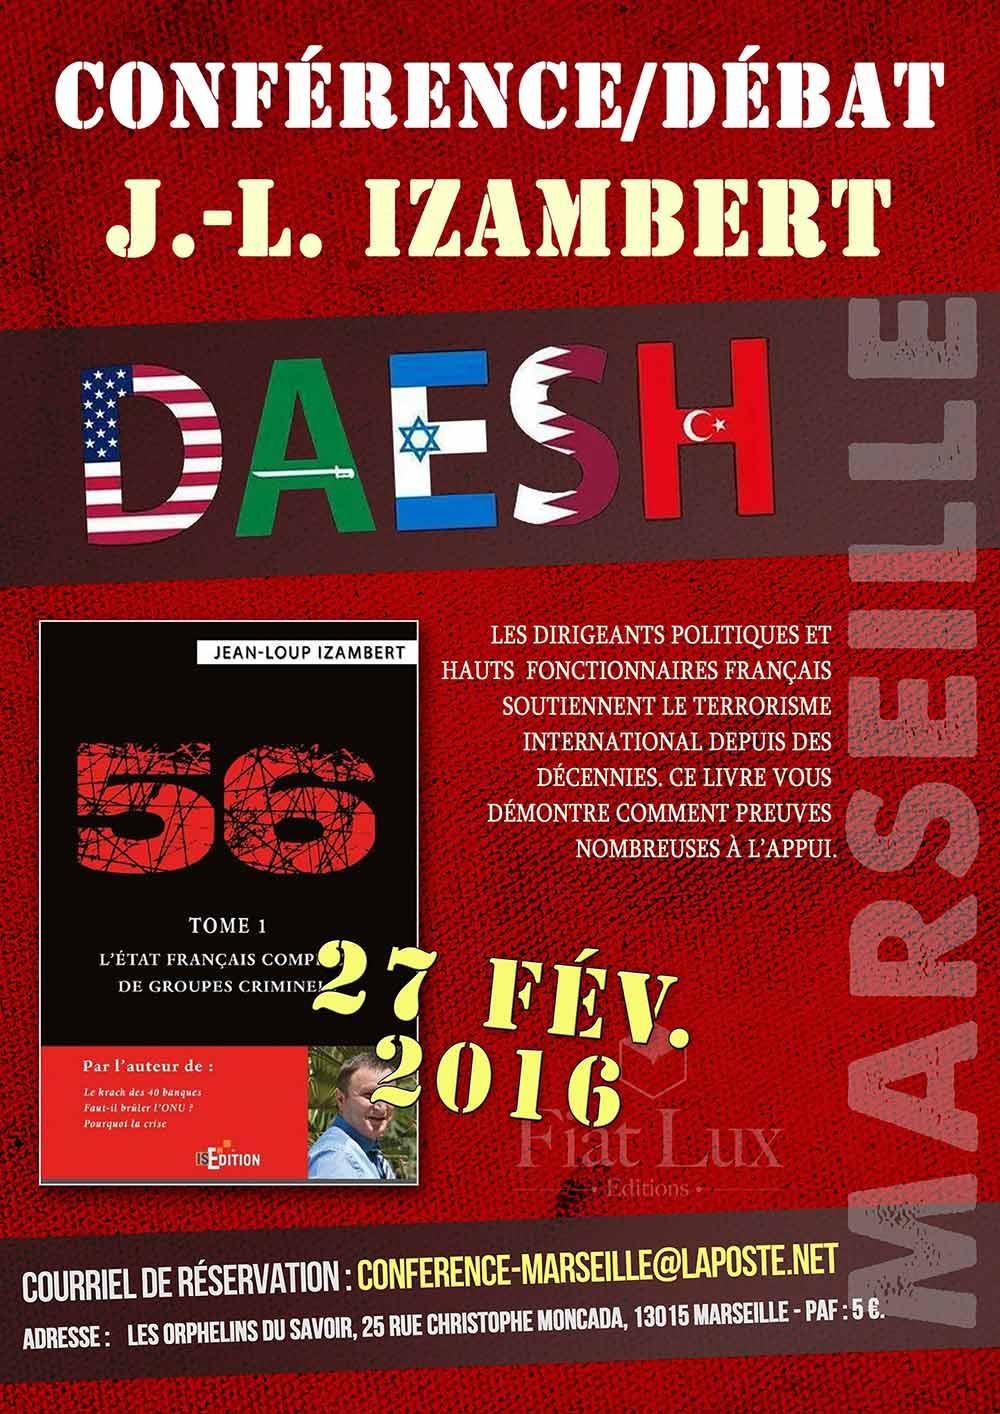 """Conférence Le Libre Penseur (""""livre """"56"""" de Jean-Loup IZAMBERT)"""